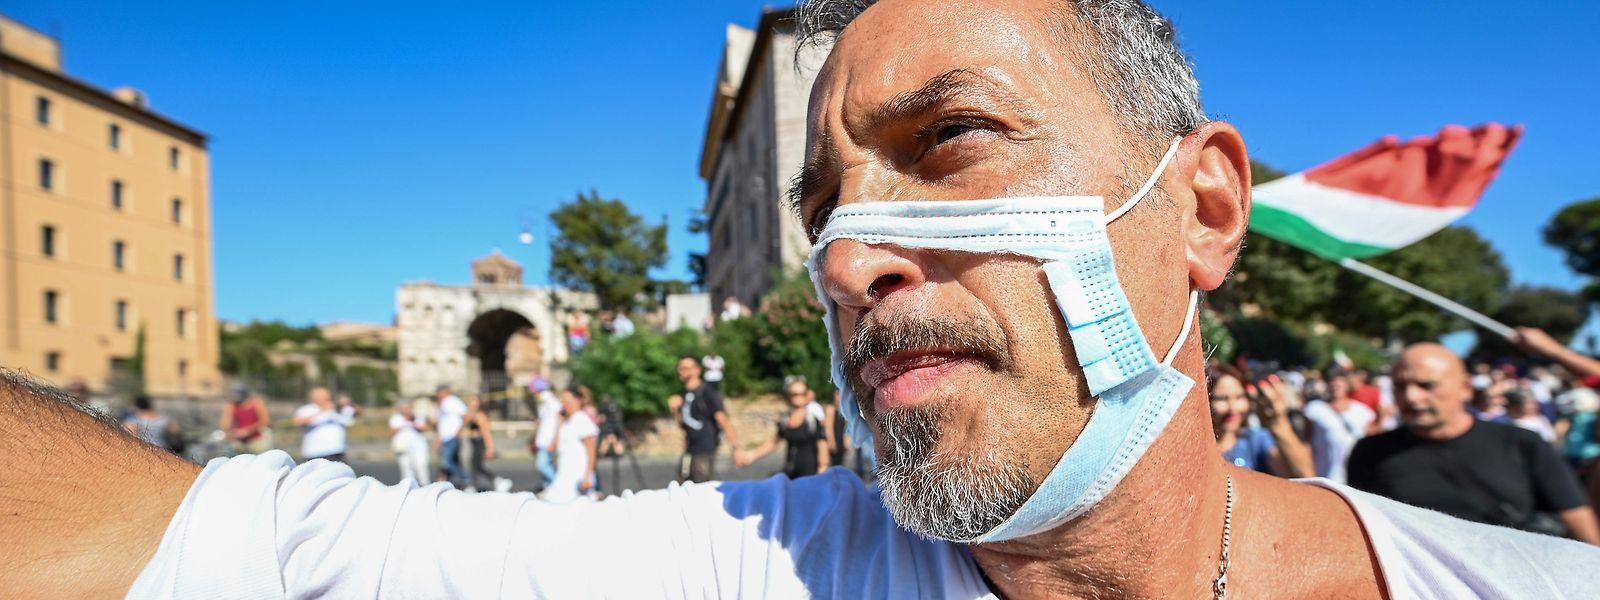 De nombreuses manifestations voient le jour à travers l'Europe et réclament entre autres l'abandon du port du masque.